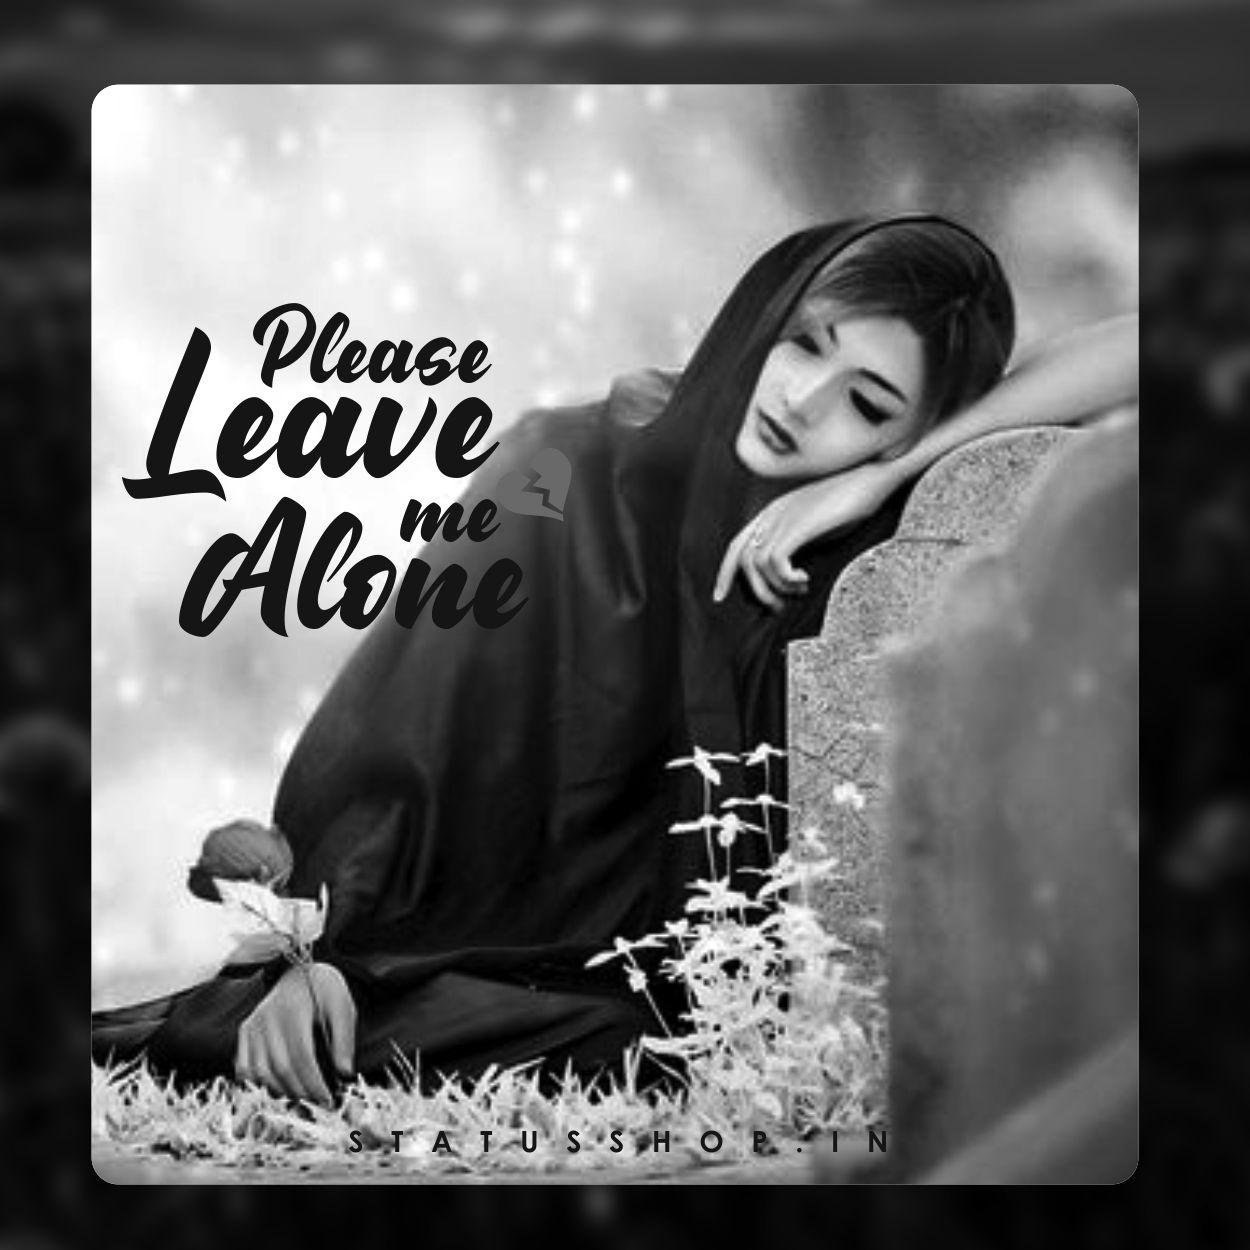 Alone-Girl-Dp-Pinterest